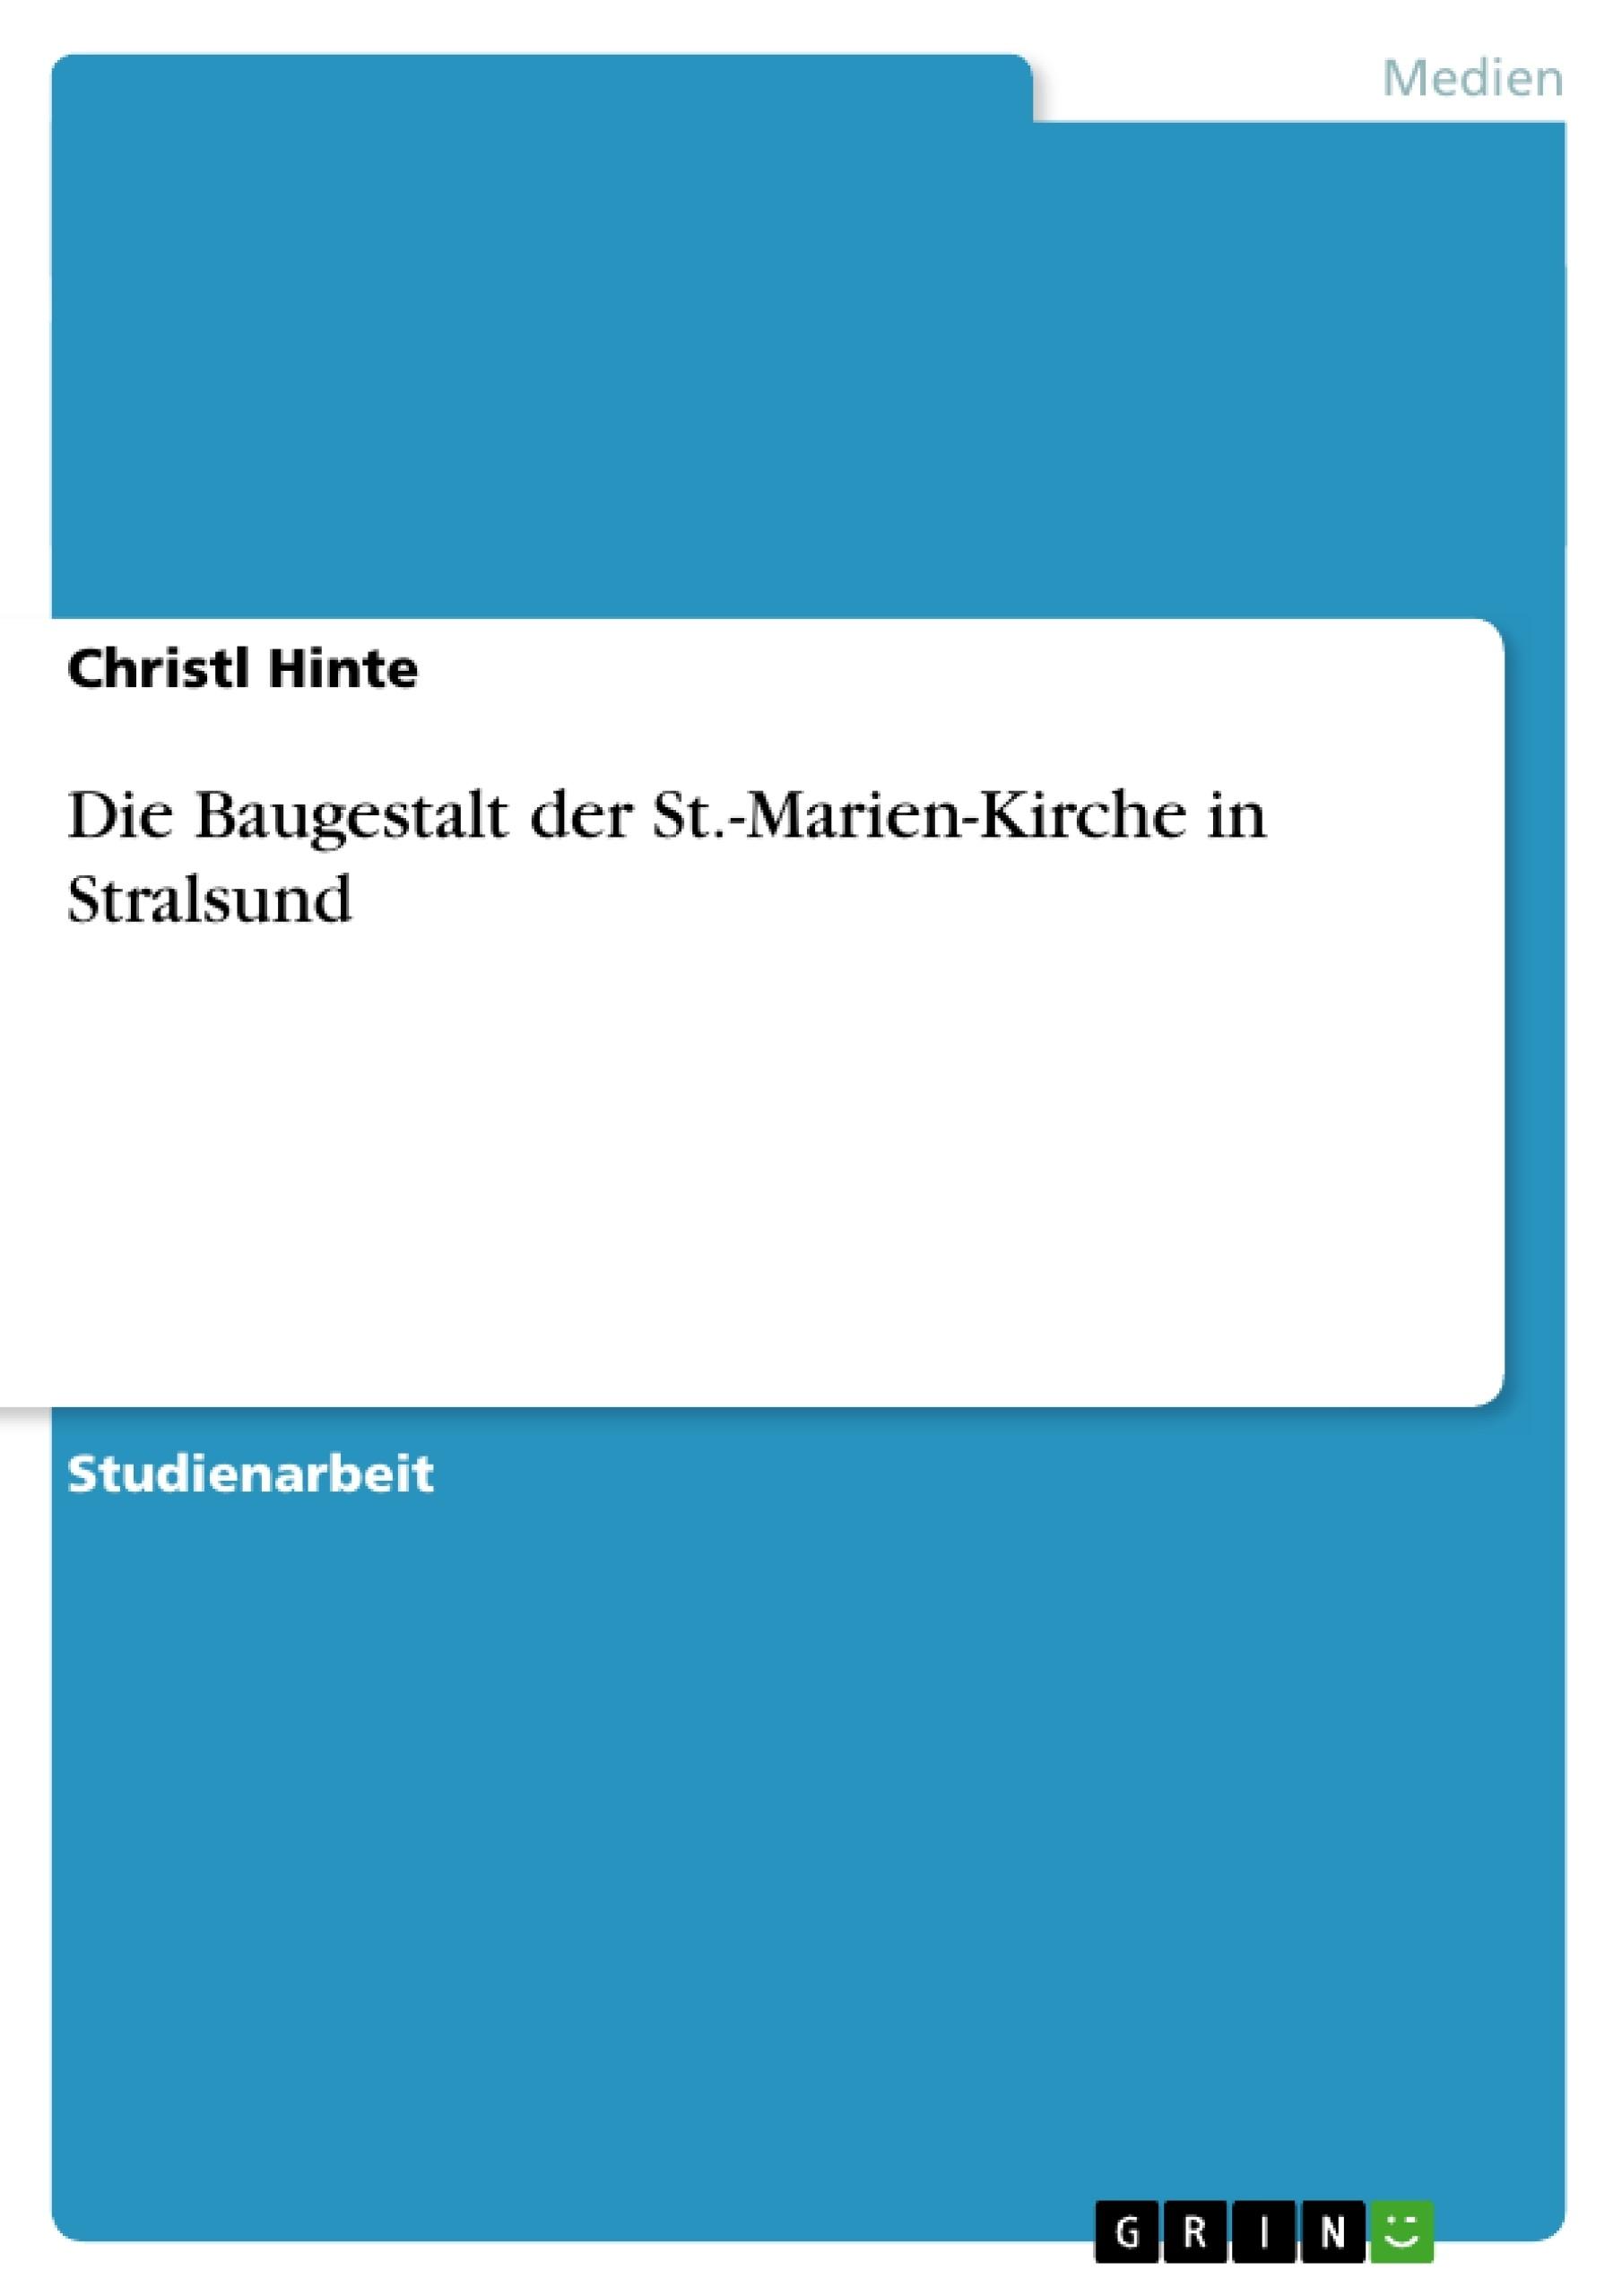 Titel: Die Baugestalt der St.-Marien-Kirche in Stralsund